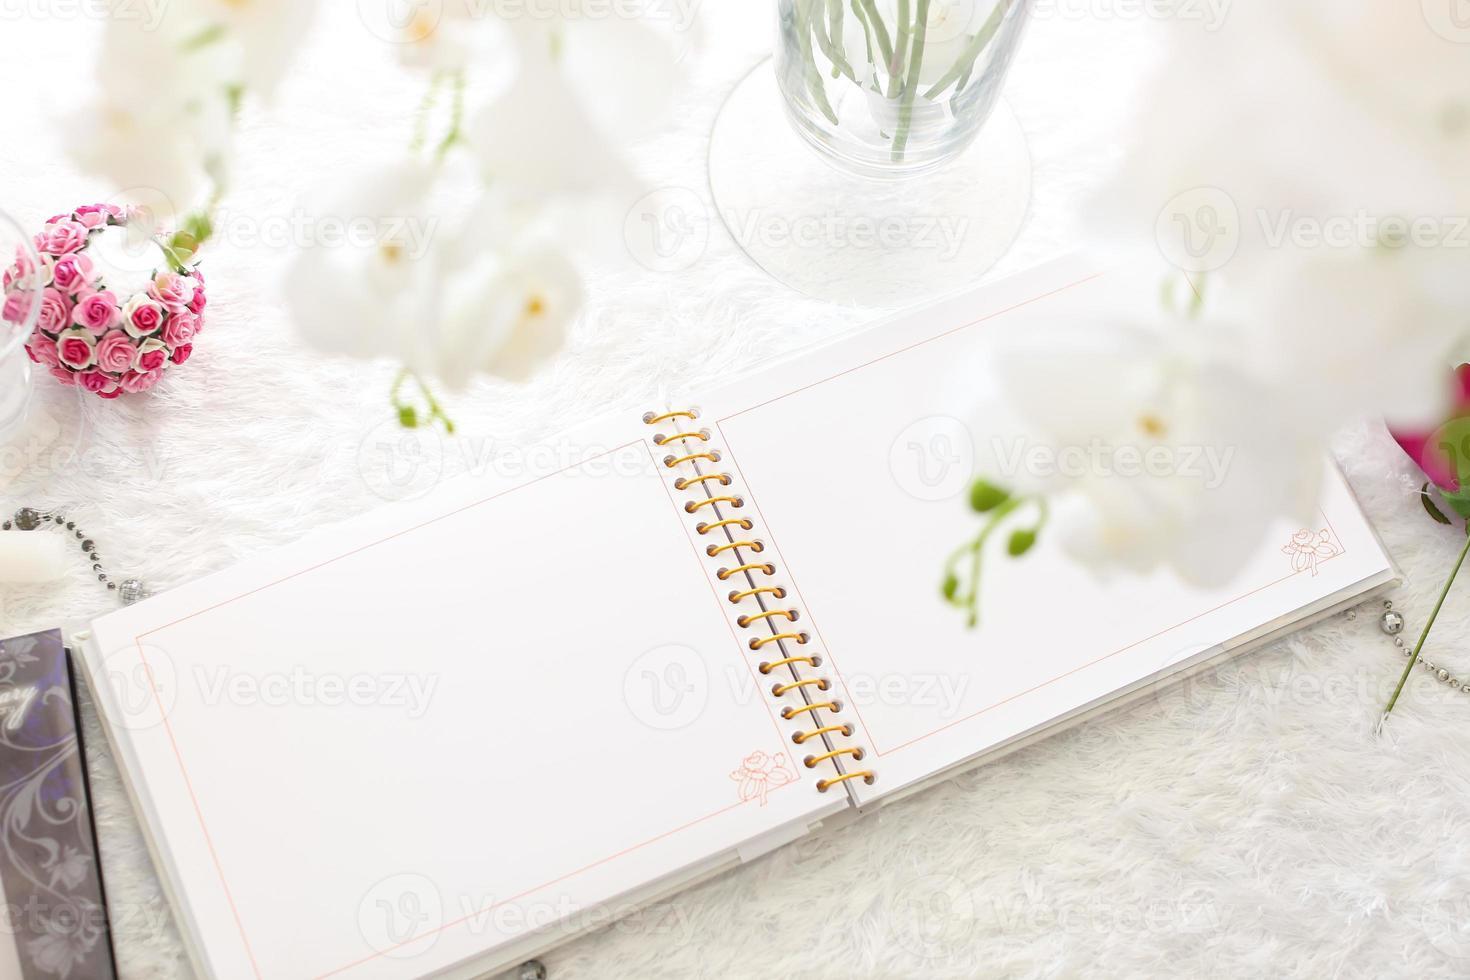 cahier vierge sur une table en bois blanc photo